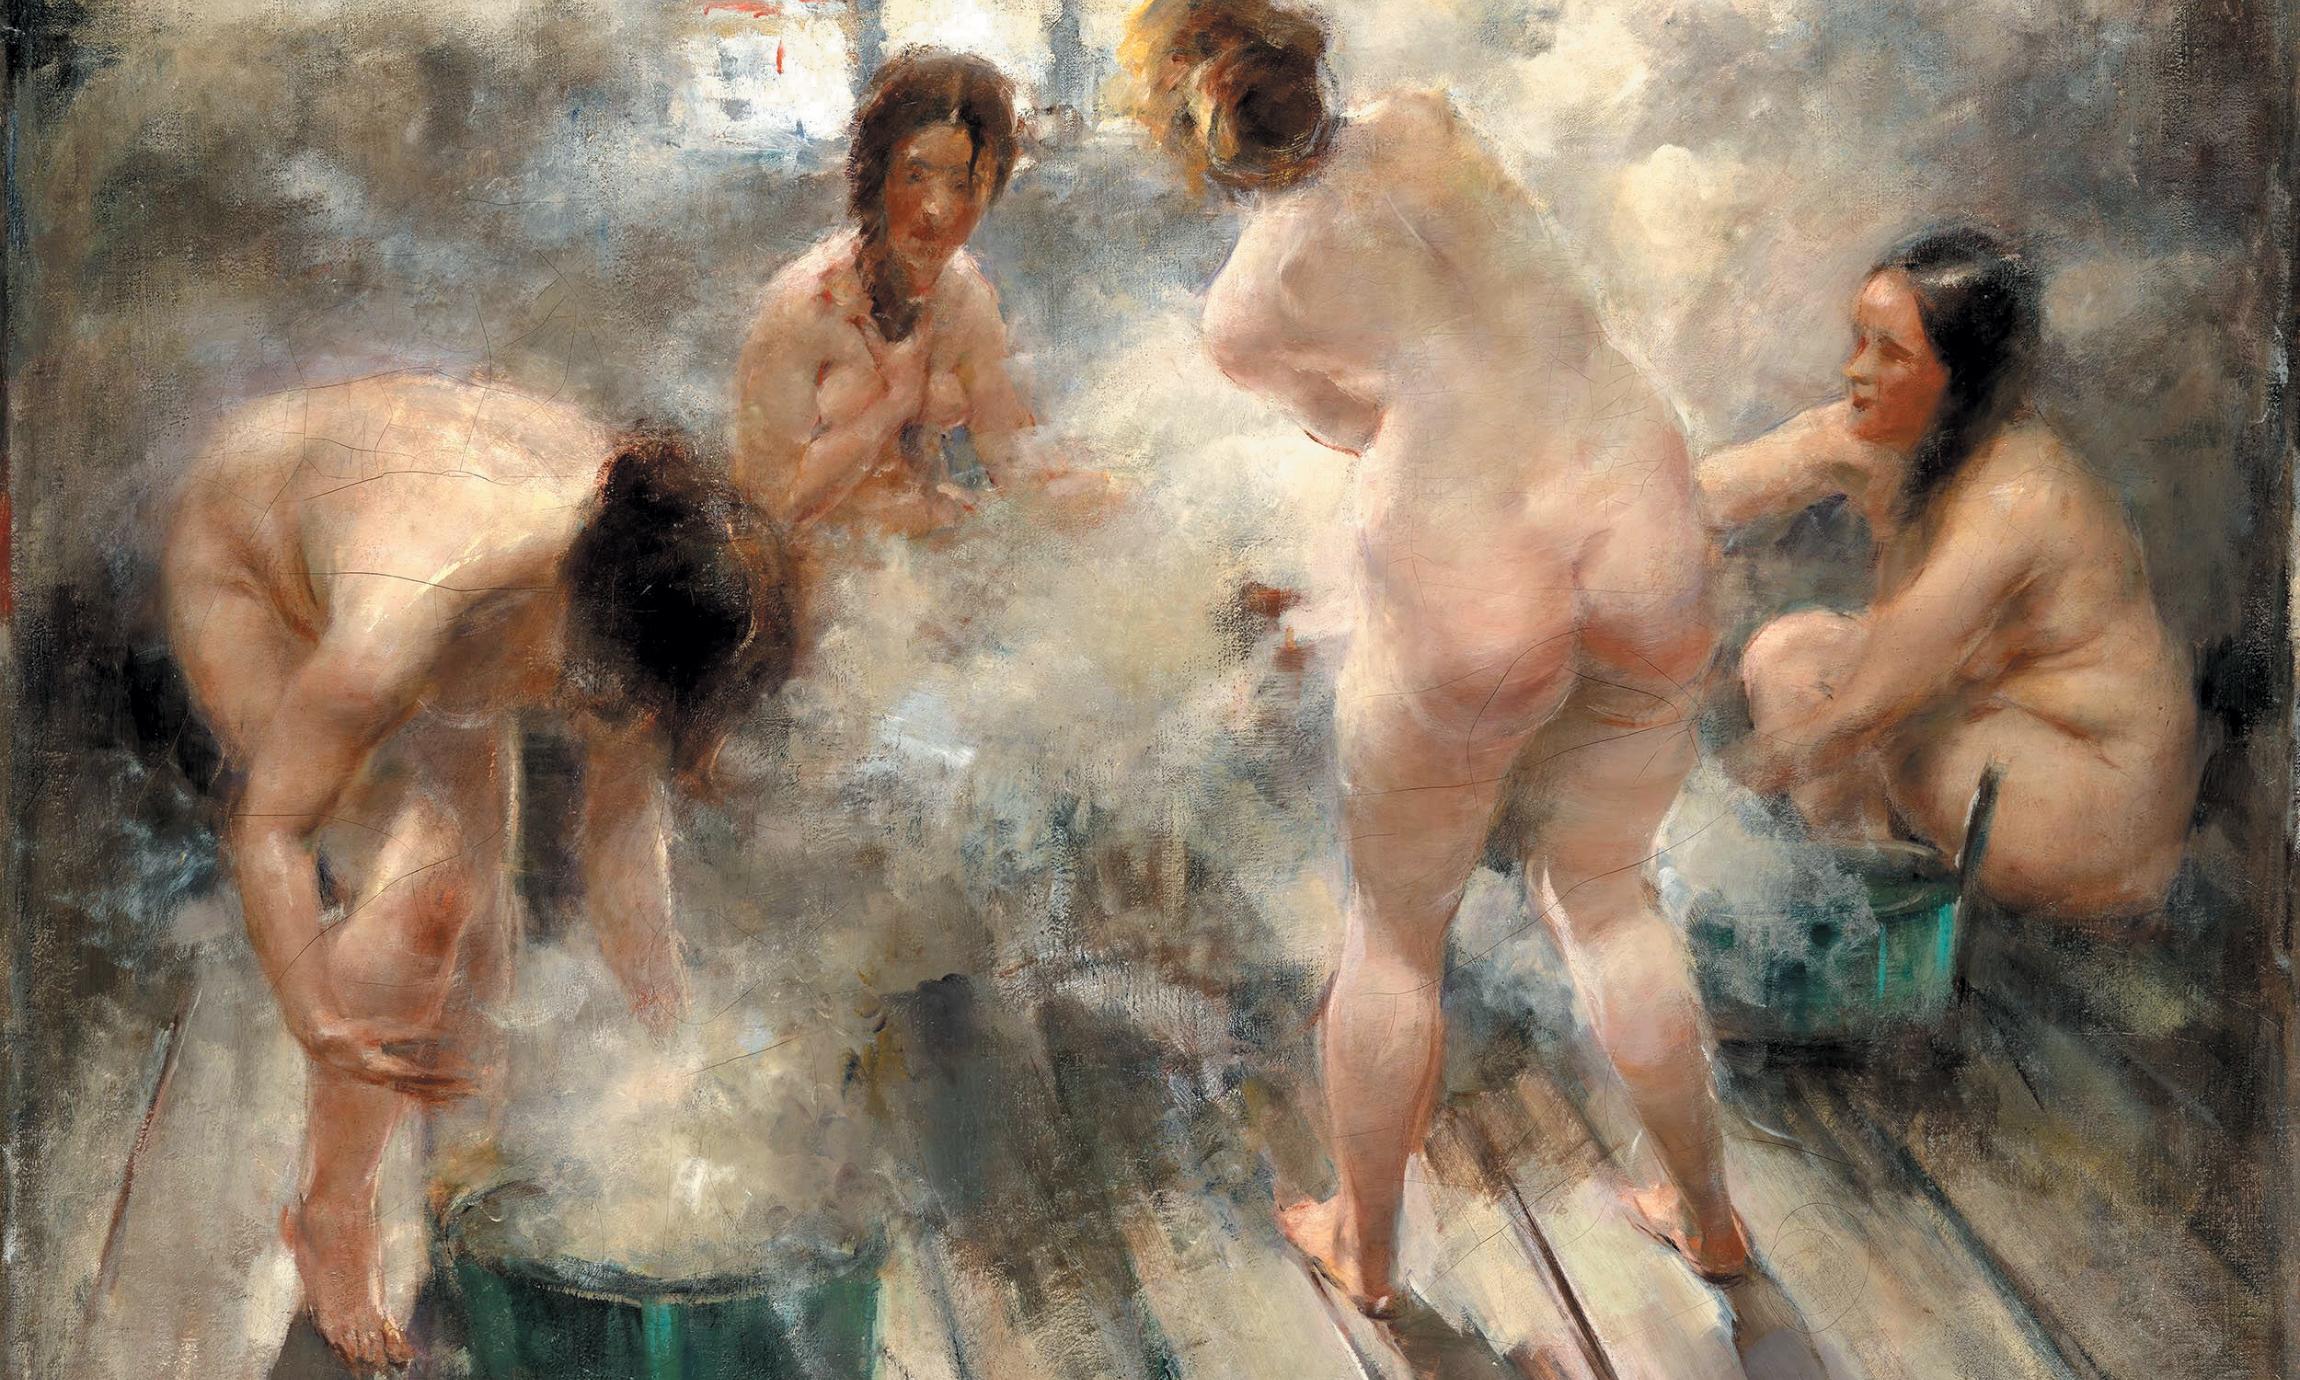 мытье женщин в бане - 10